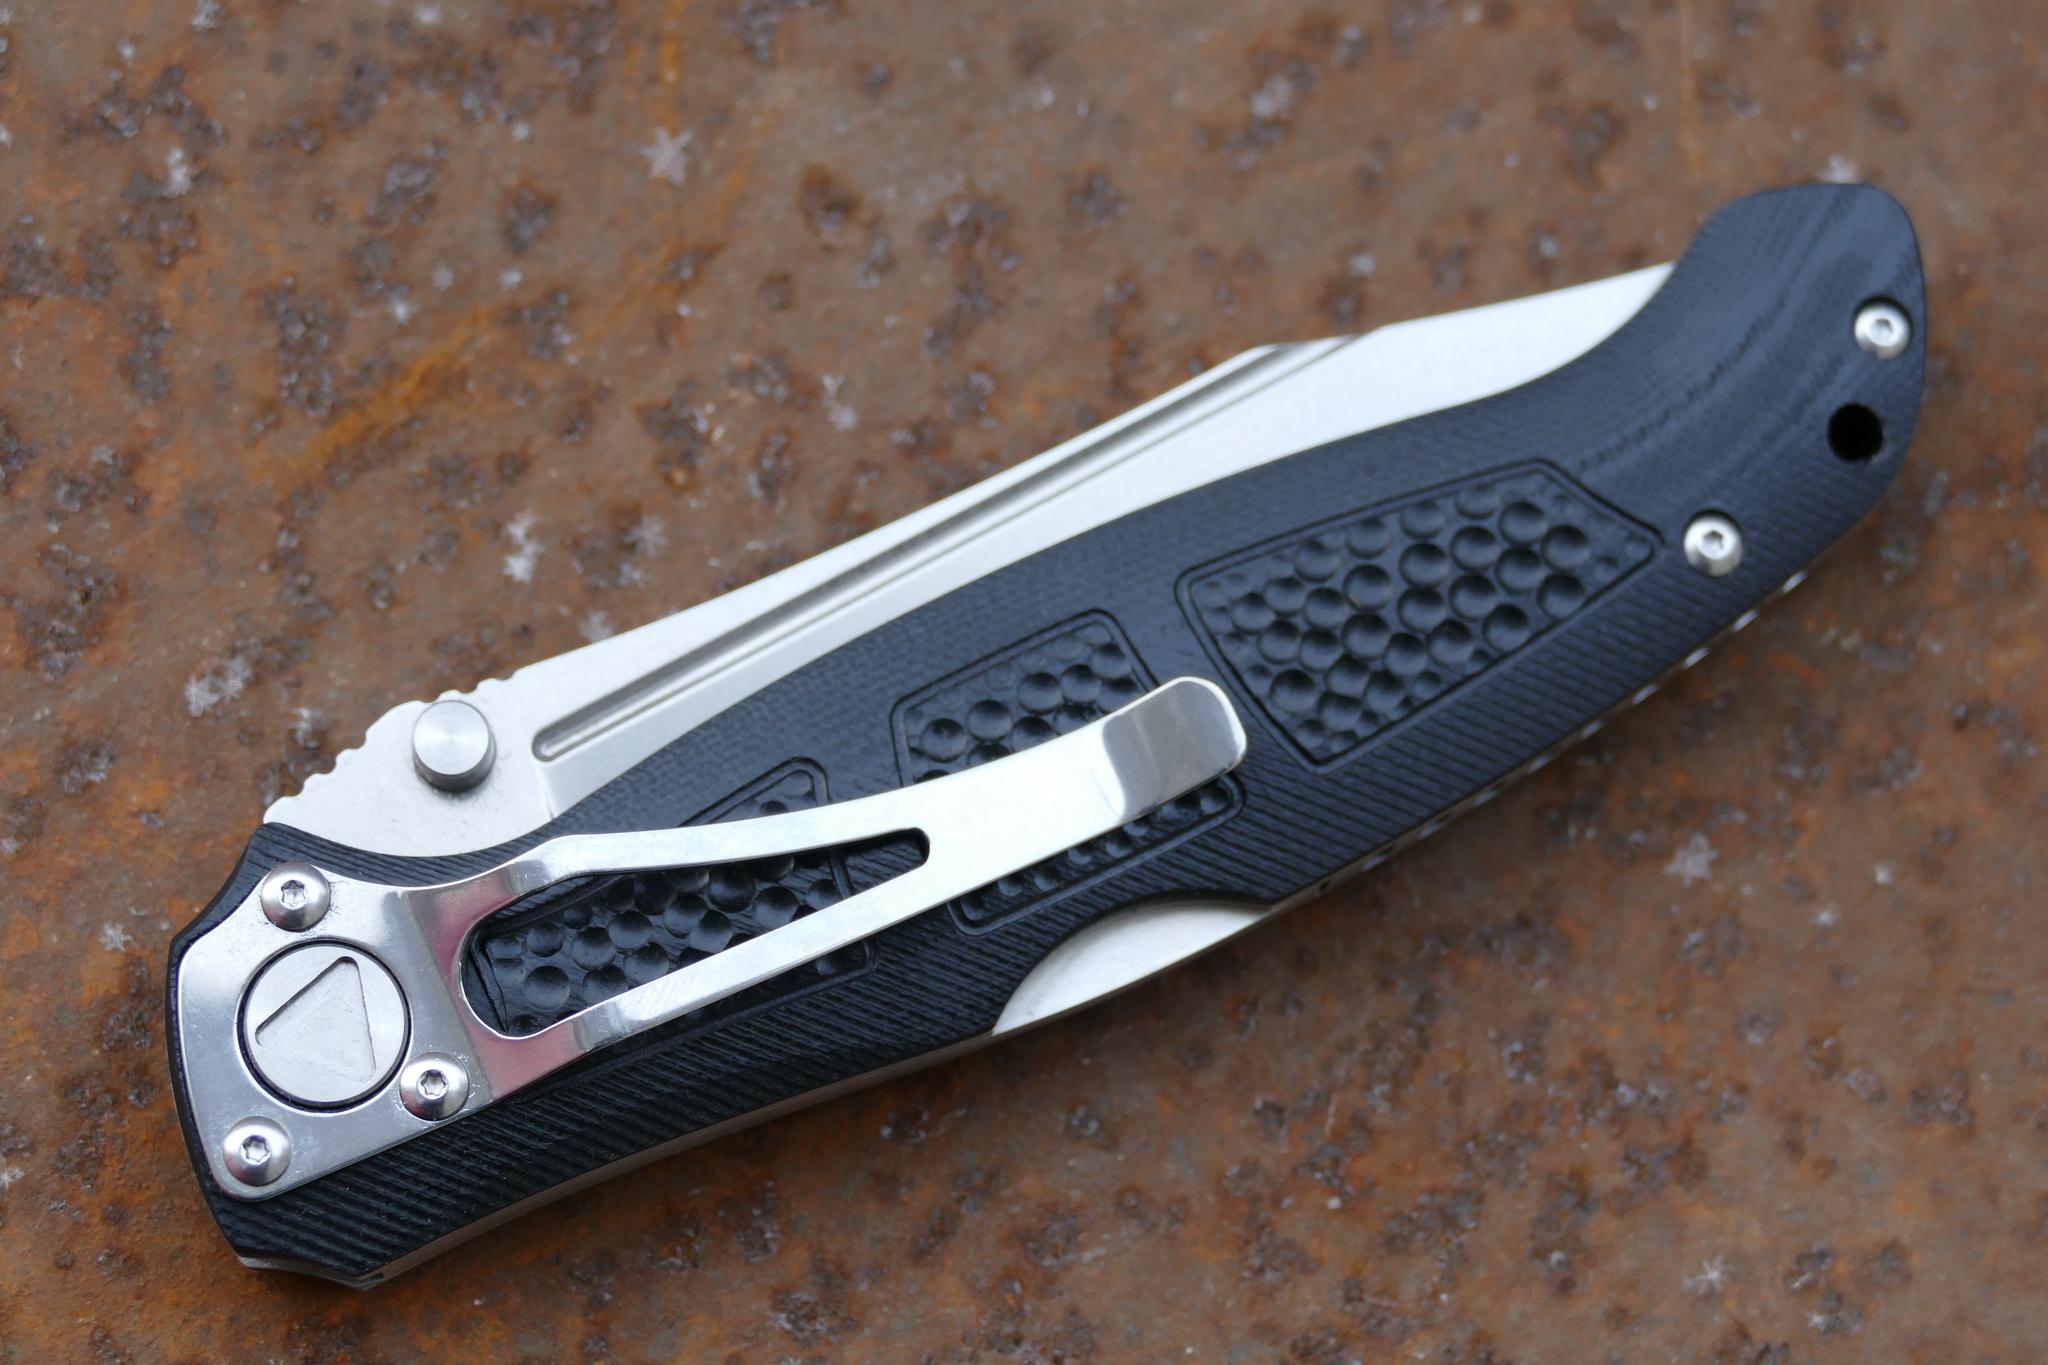 Фото 19 - Складной нож Брат 2, D2 от Steelclaw